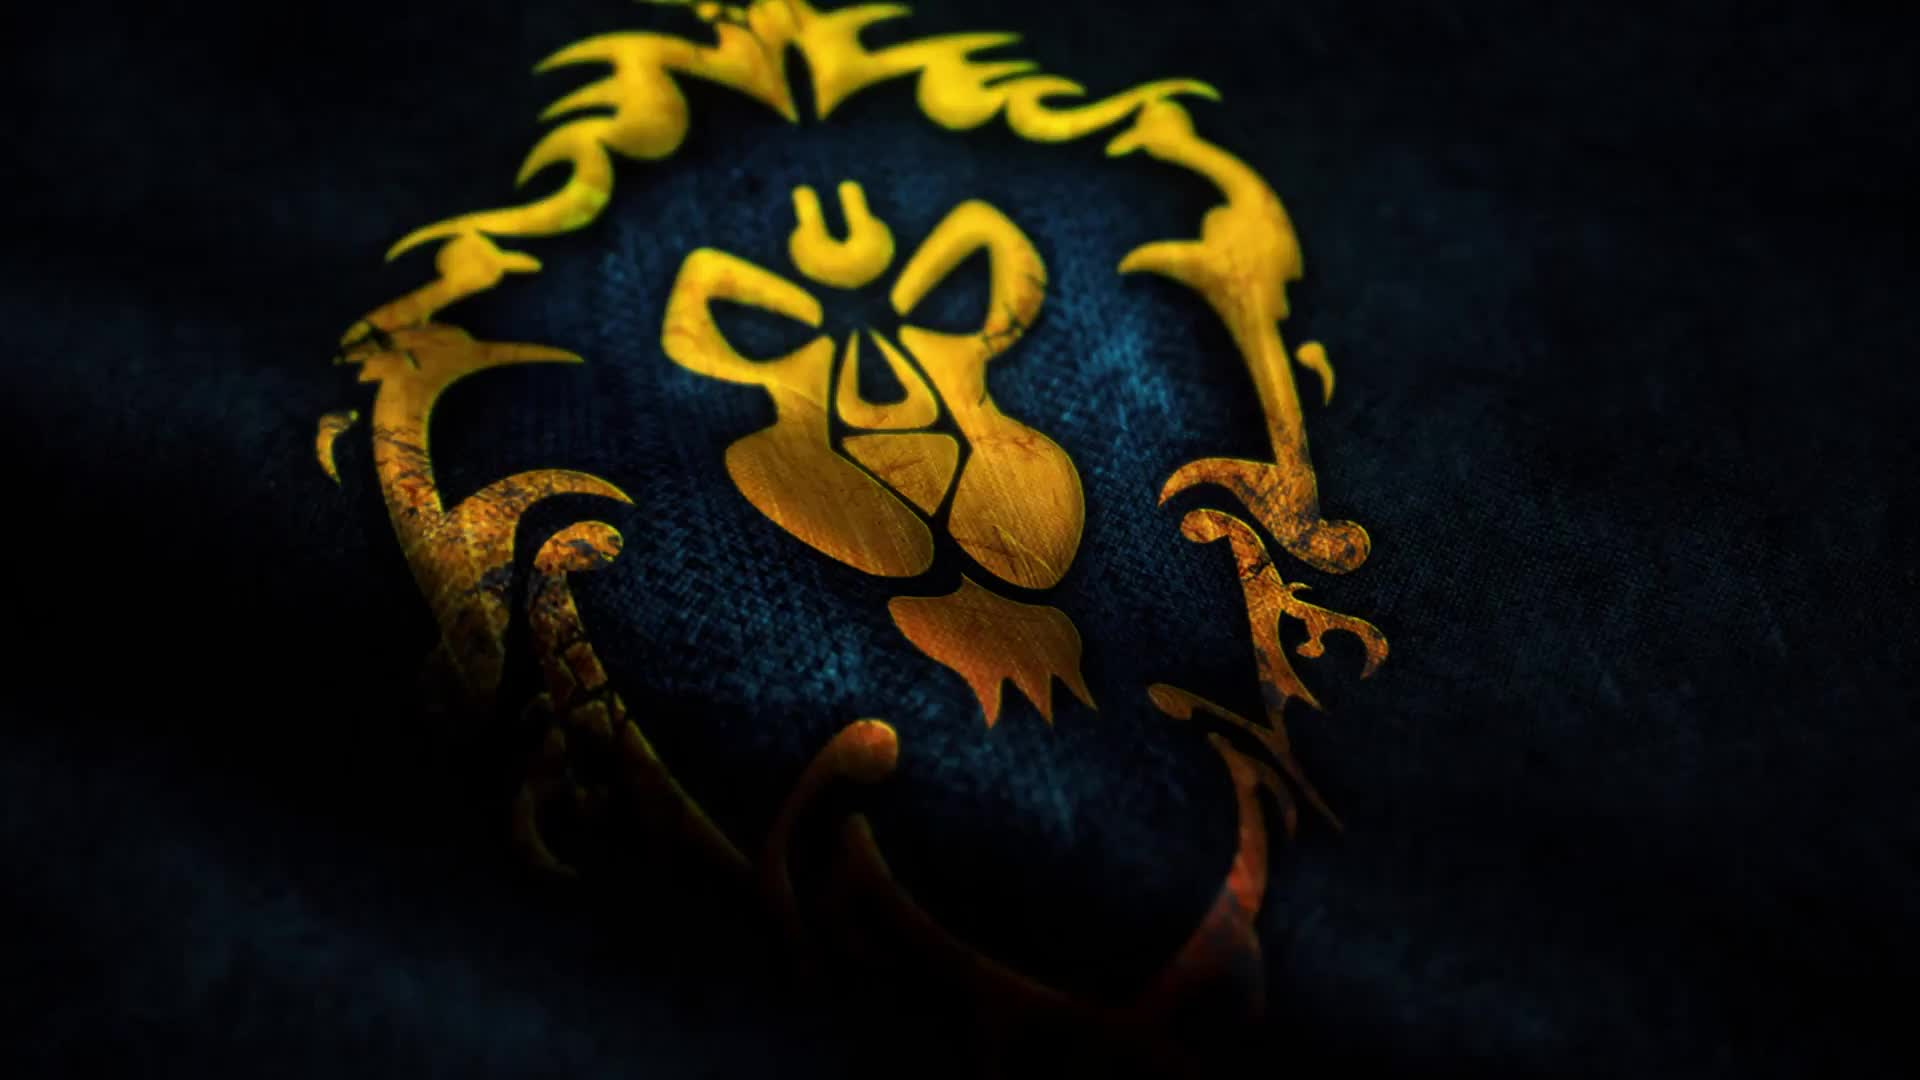 WOW Флаг победы Альянса - Живые обои